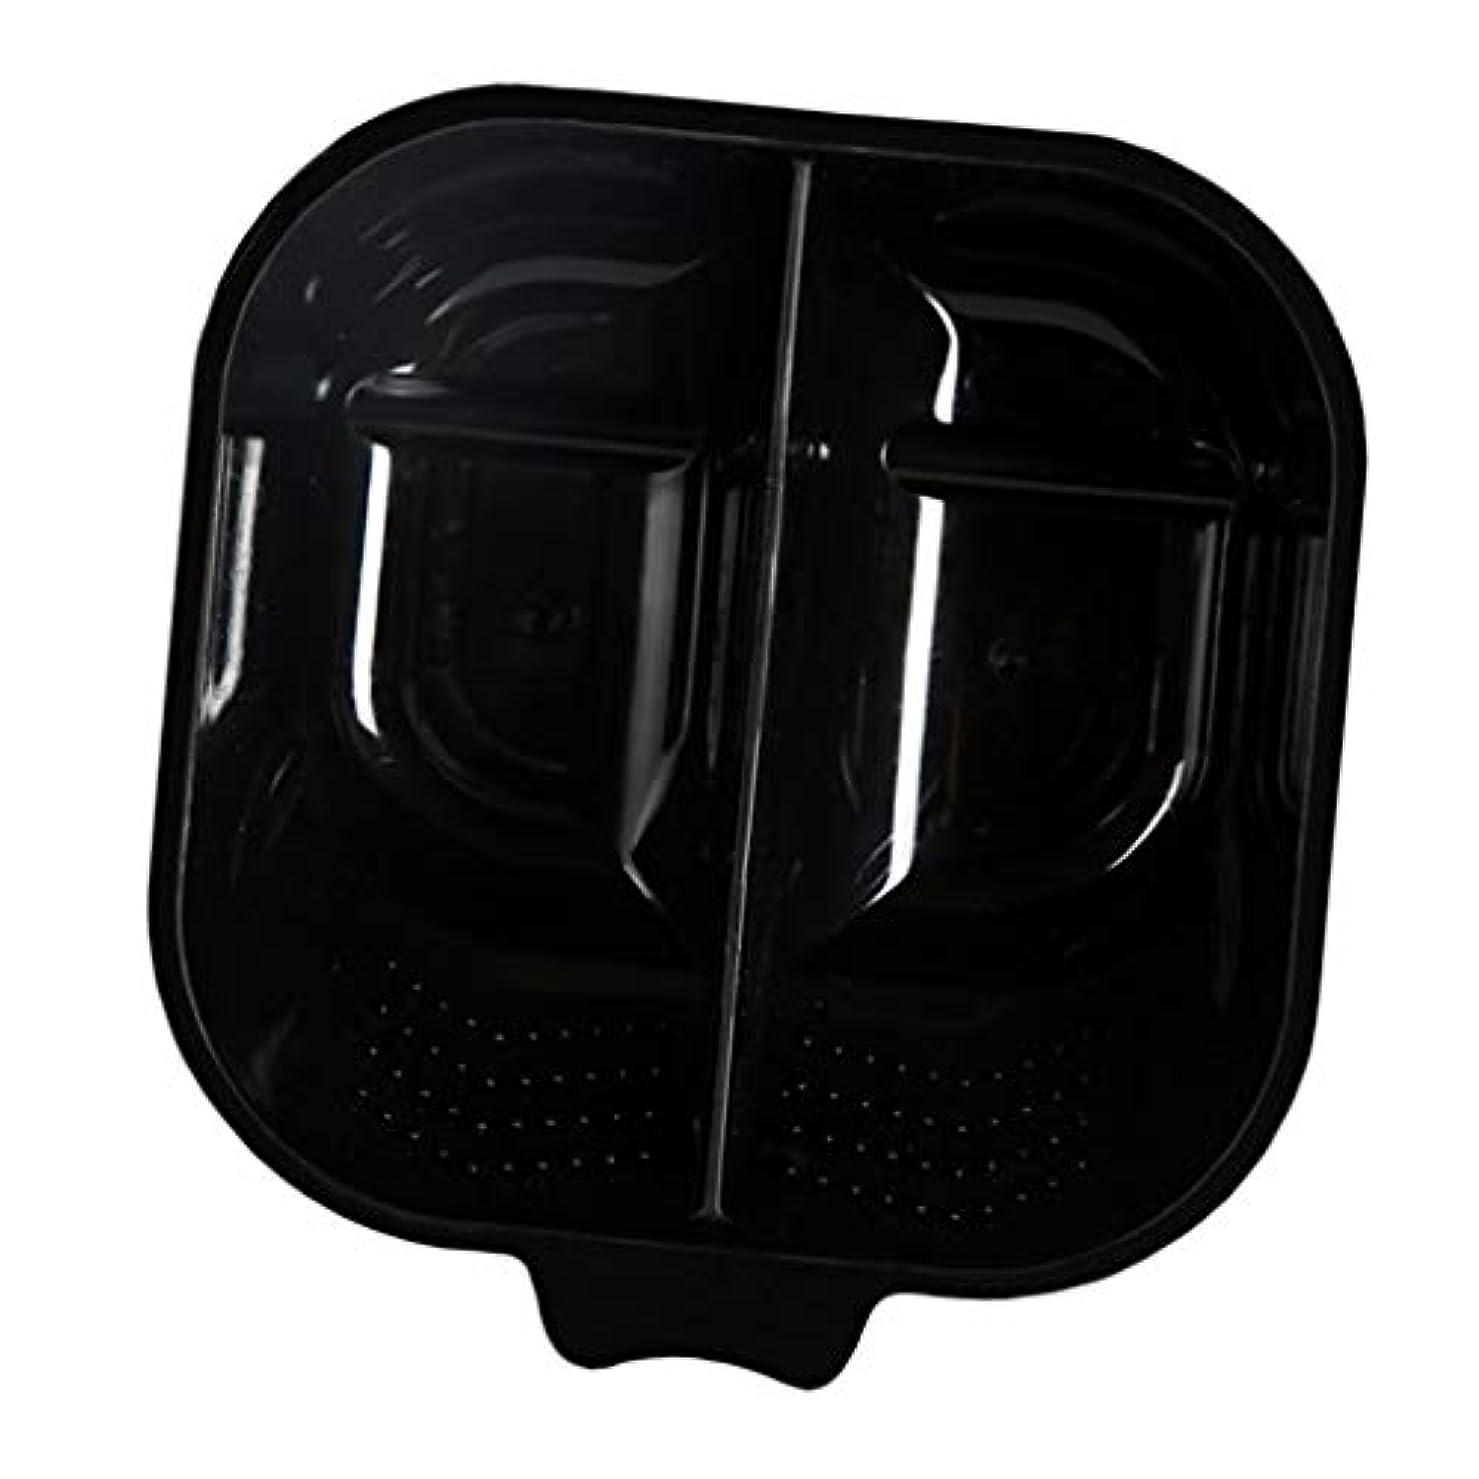 スライス刺す閃光ヘアカップ ヘアカラーボウル ヘアダイカップ 染料 混合ボール 滑り止め サロン 自宅 便利 全3色 - ブラック